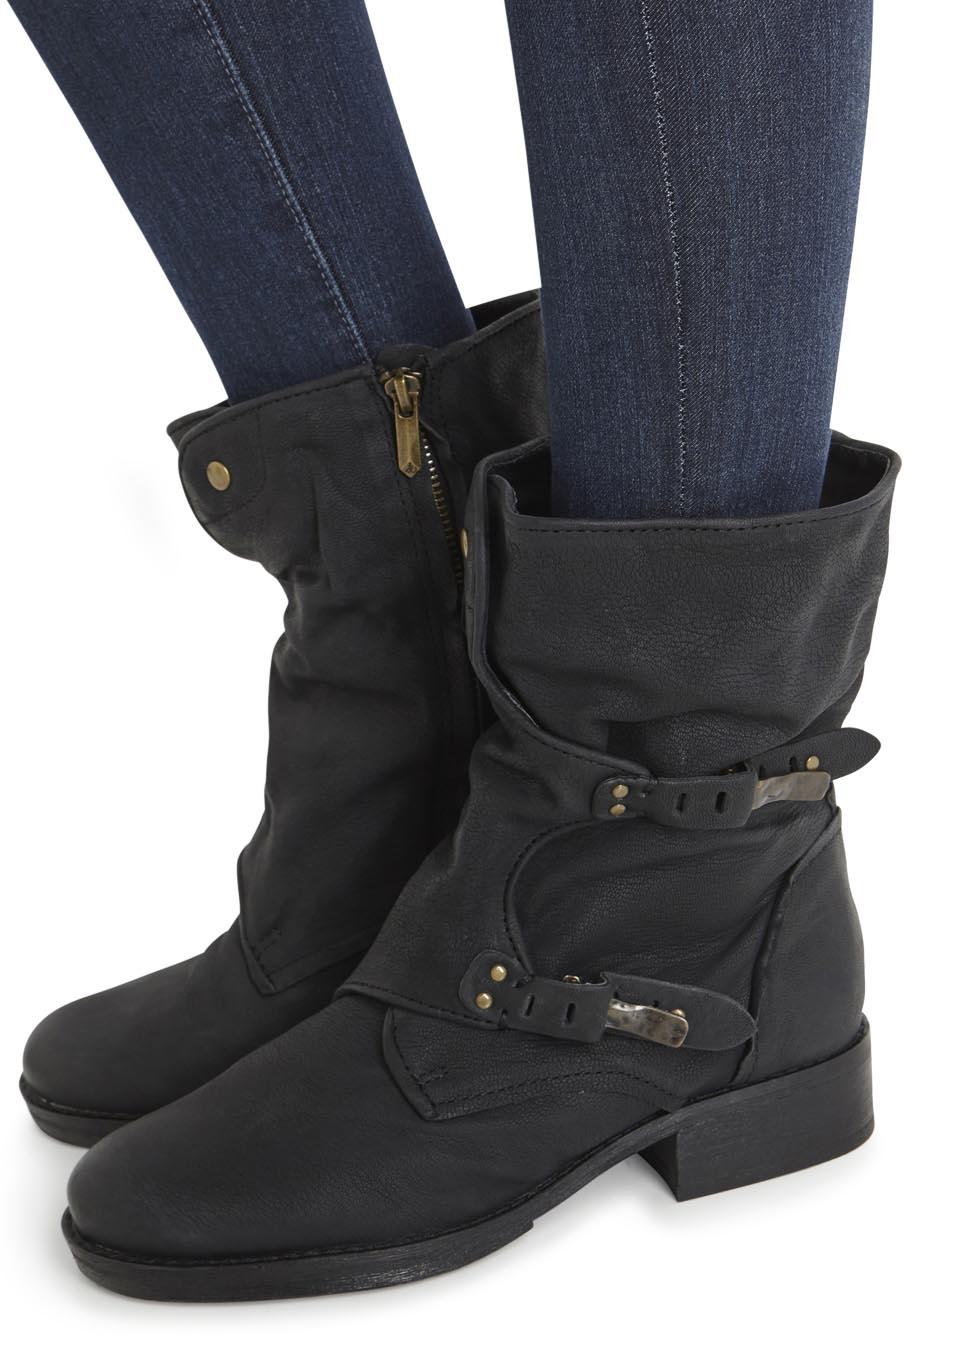 dd38b76ef9bc Sam Edelman Ridge Black Leather Boots in Black - Lyst